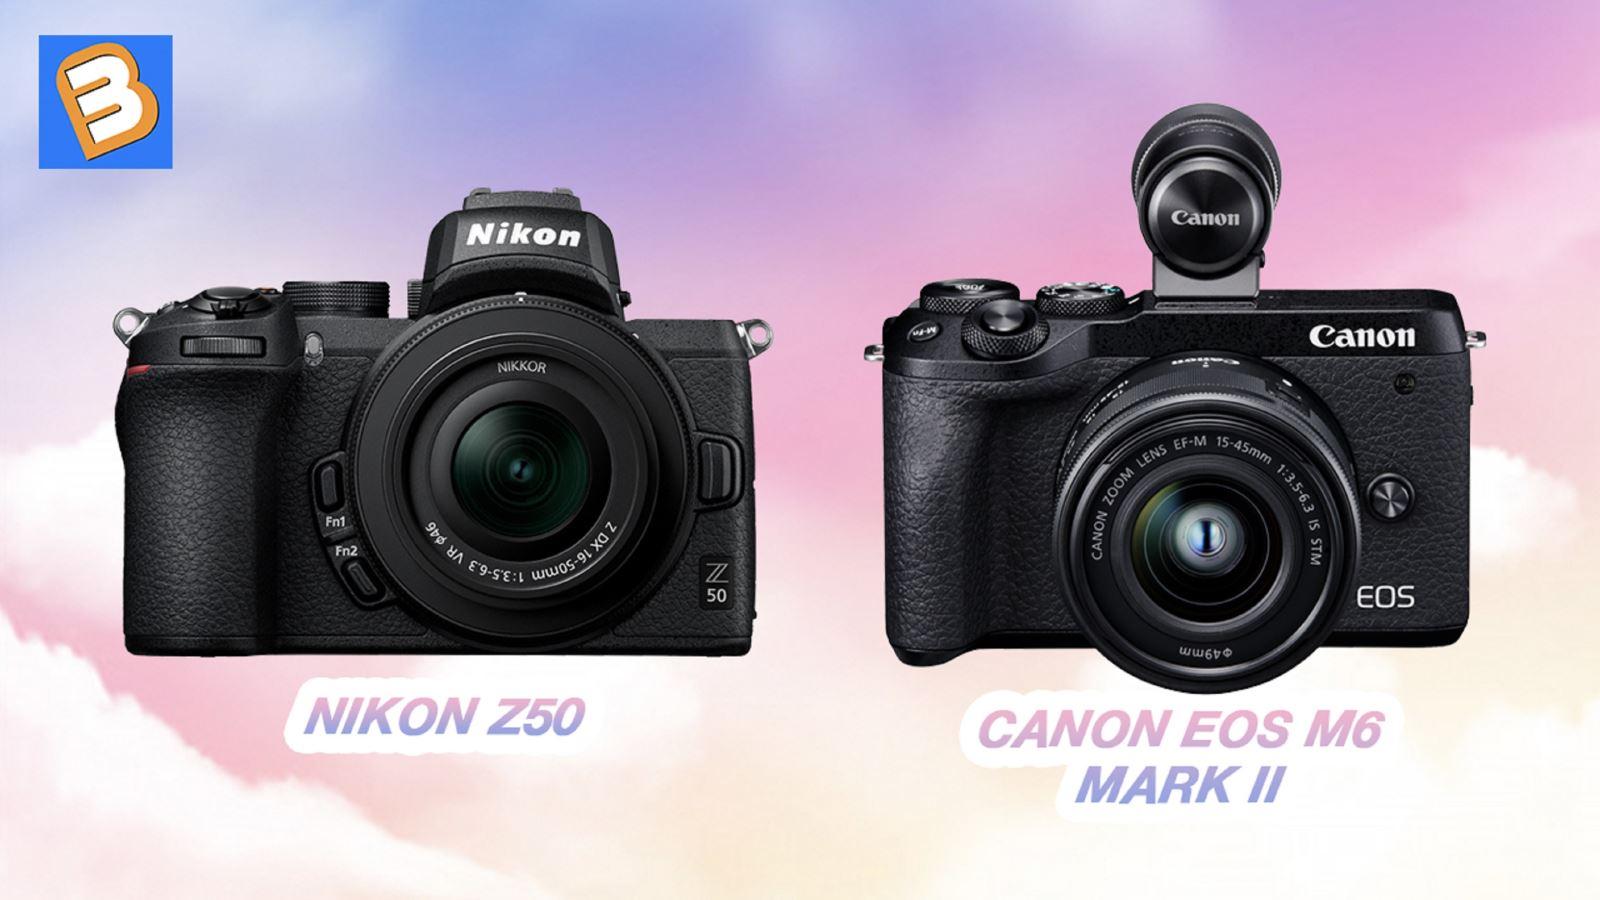 So sánh Nikon Z50 và Canon EOS M6 Mark II